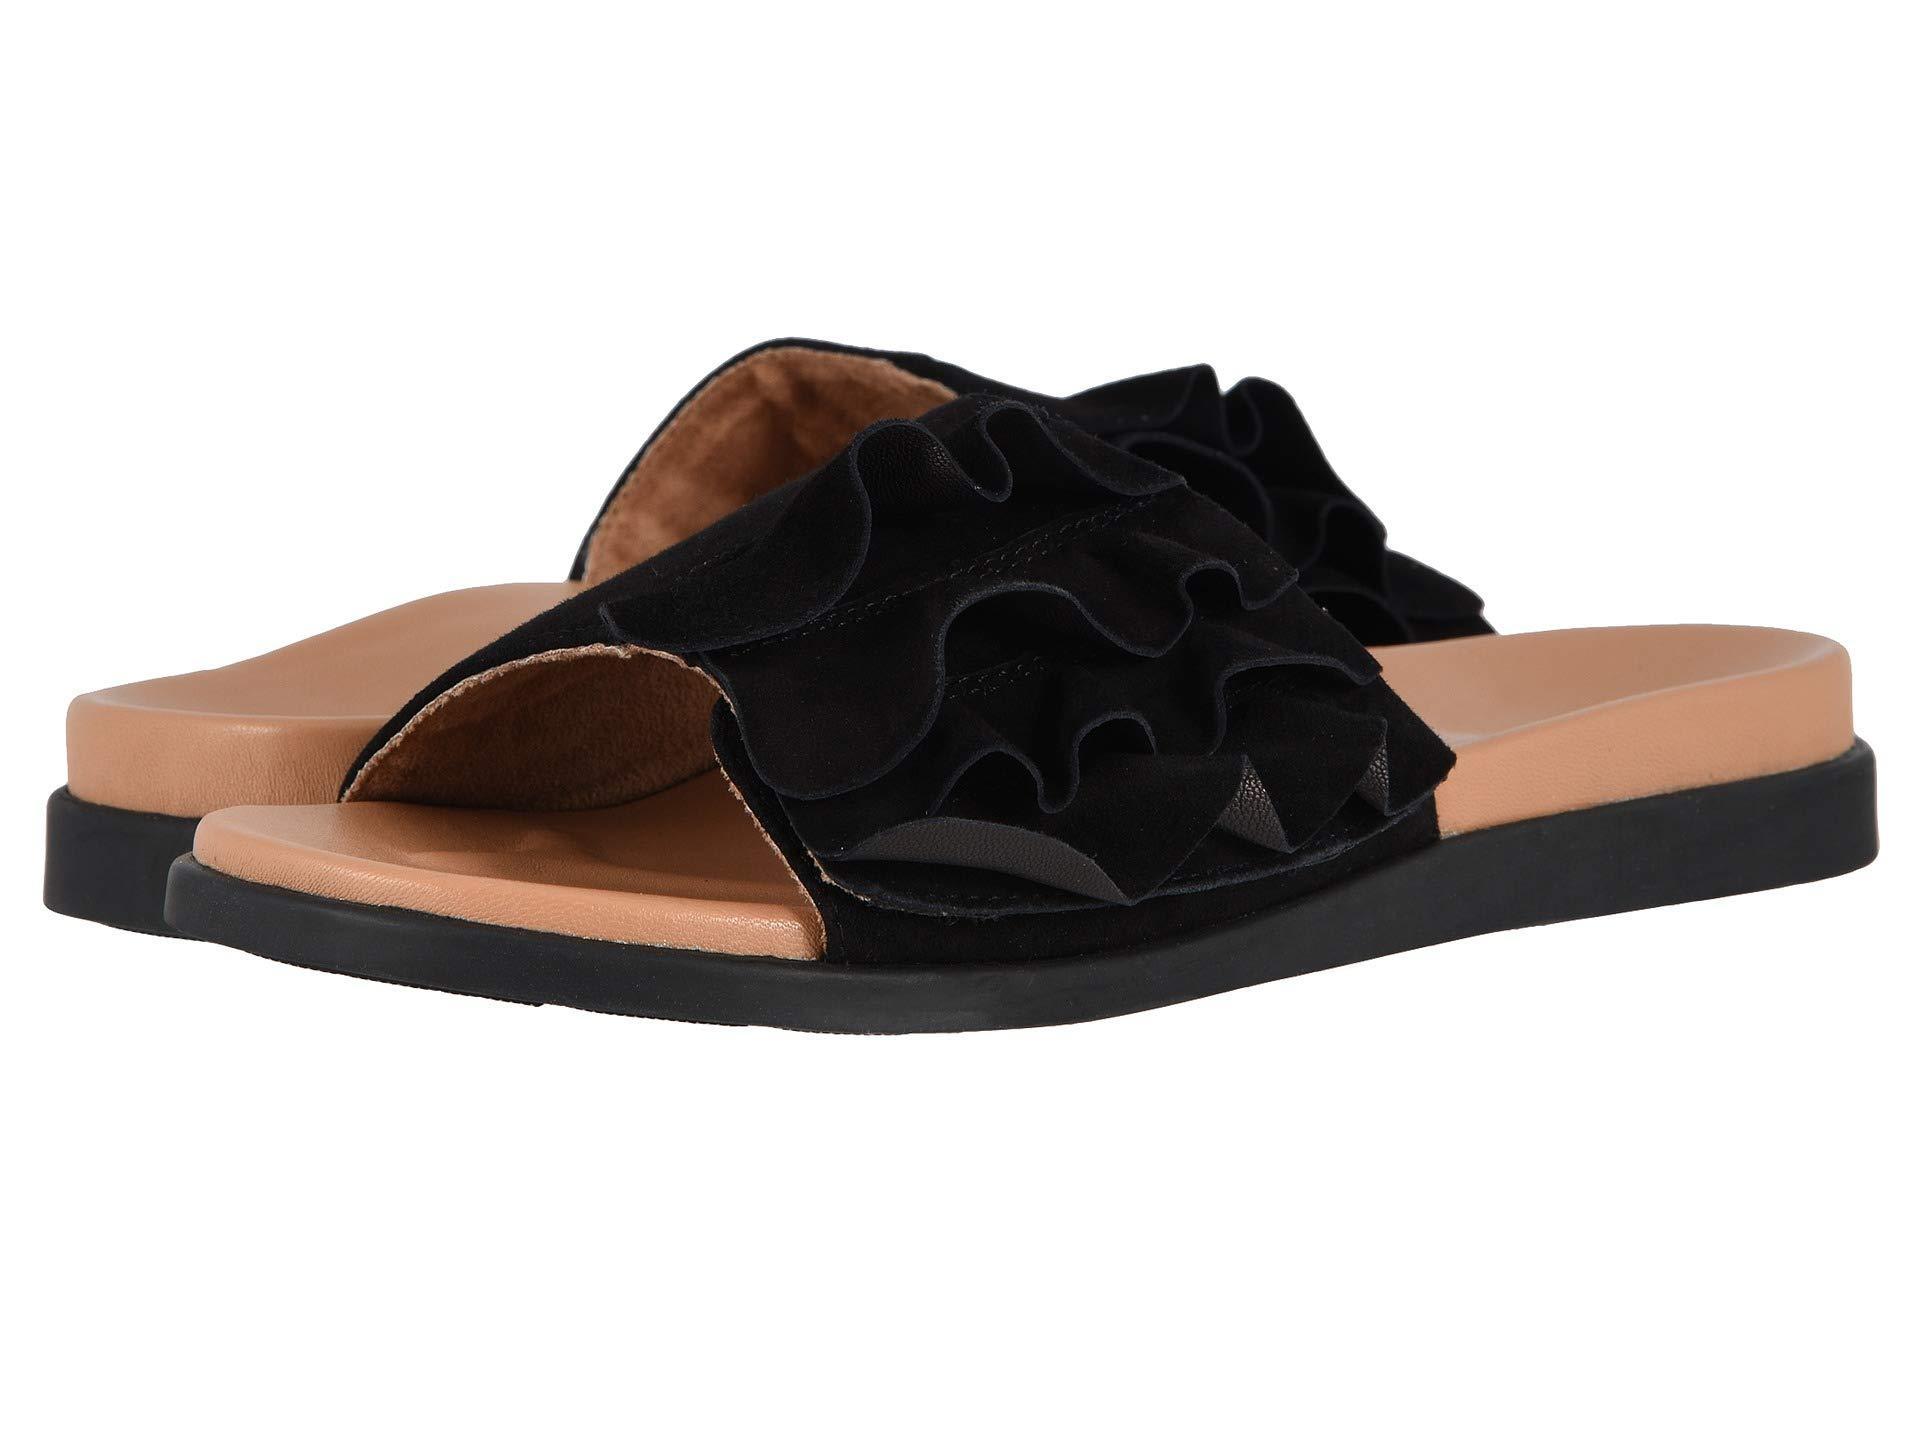 7a931d6b6b74 Lyst - Vionic Roni (black) Women s Sandals in Black